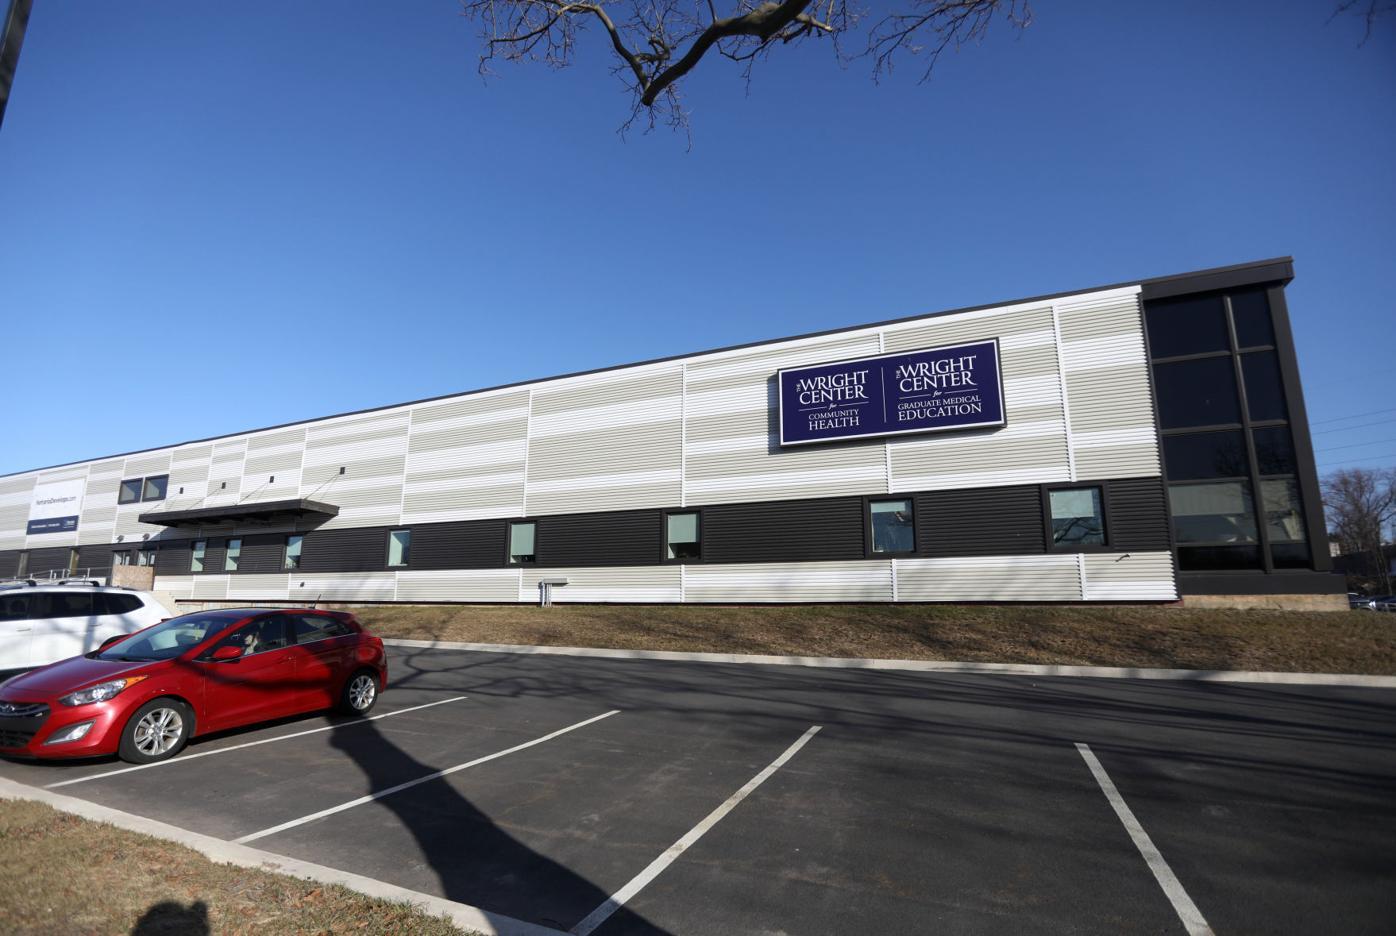 The Wright Center for Community Health in Scranton